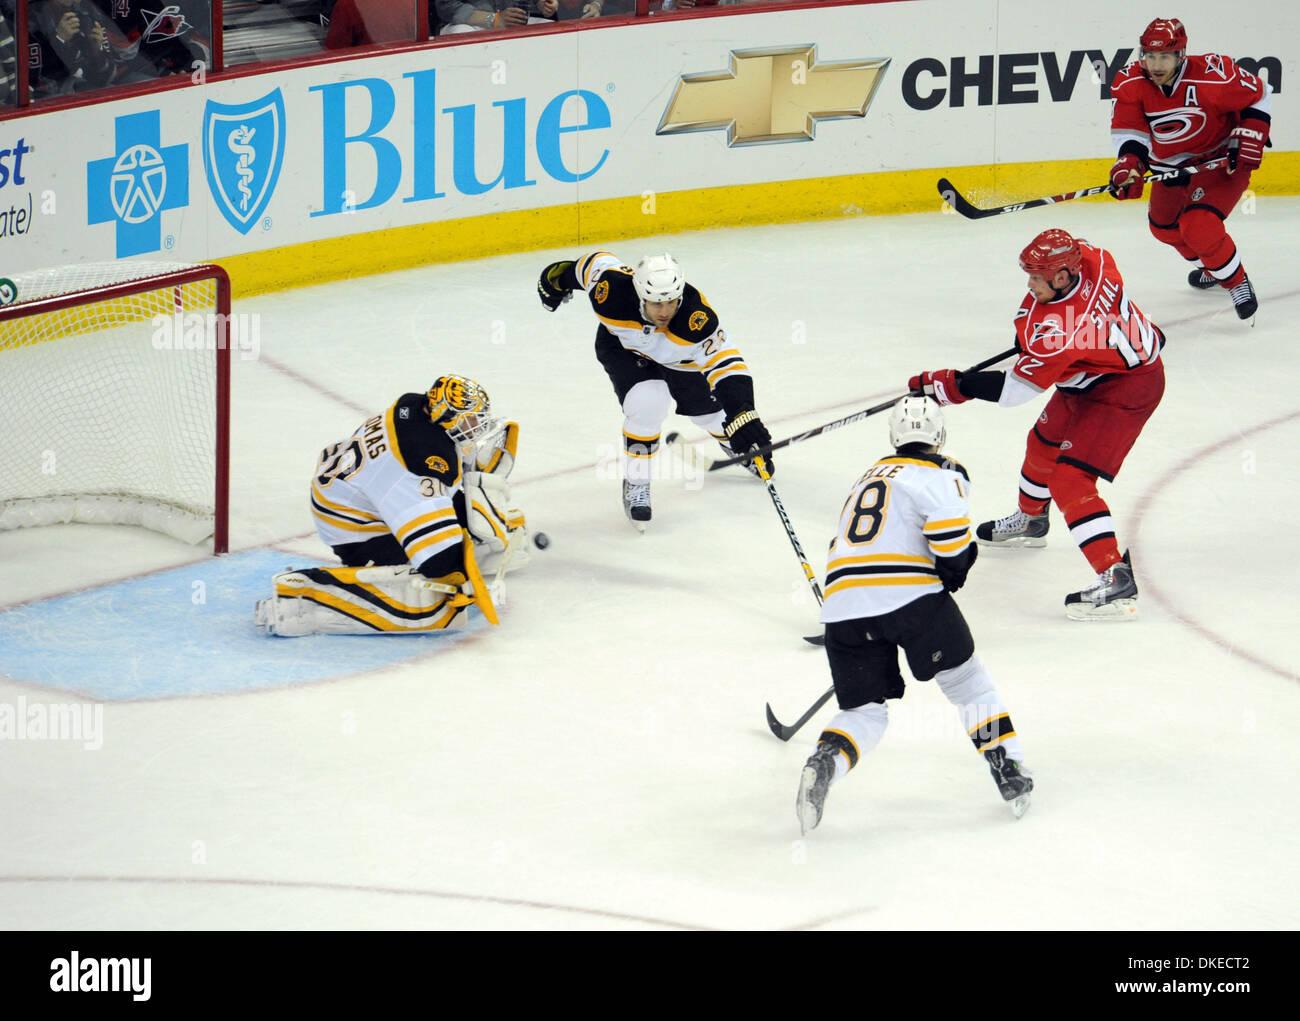 May 06 2009 Raleigh North Carolina Usa National Hockey League